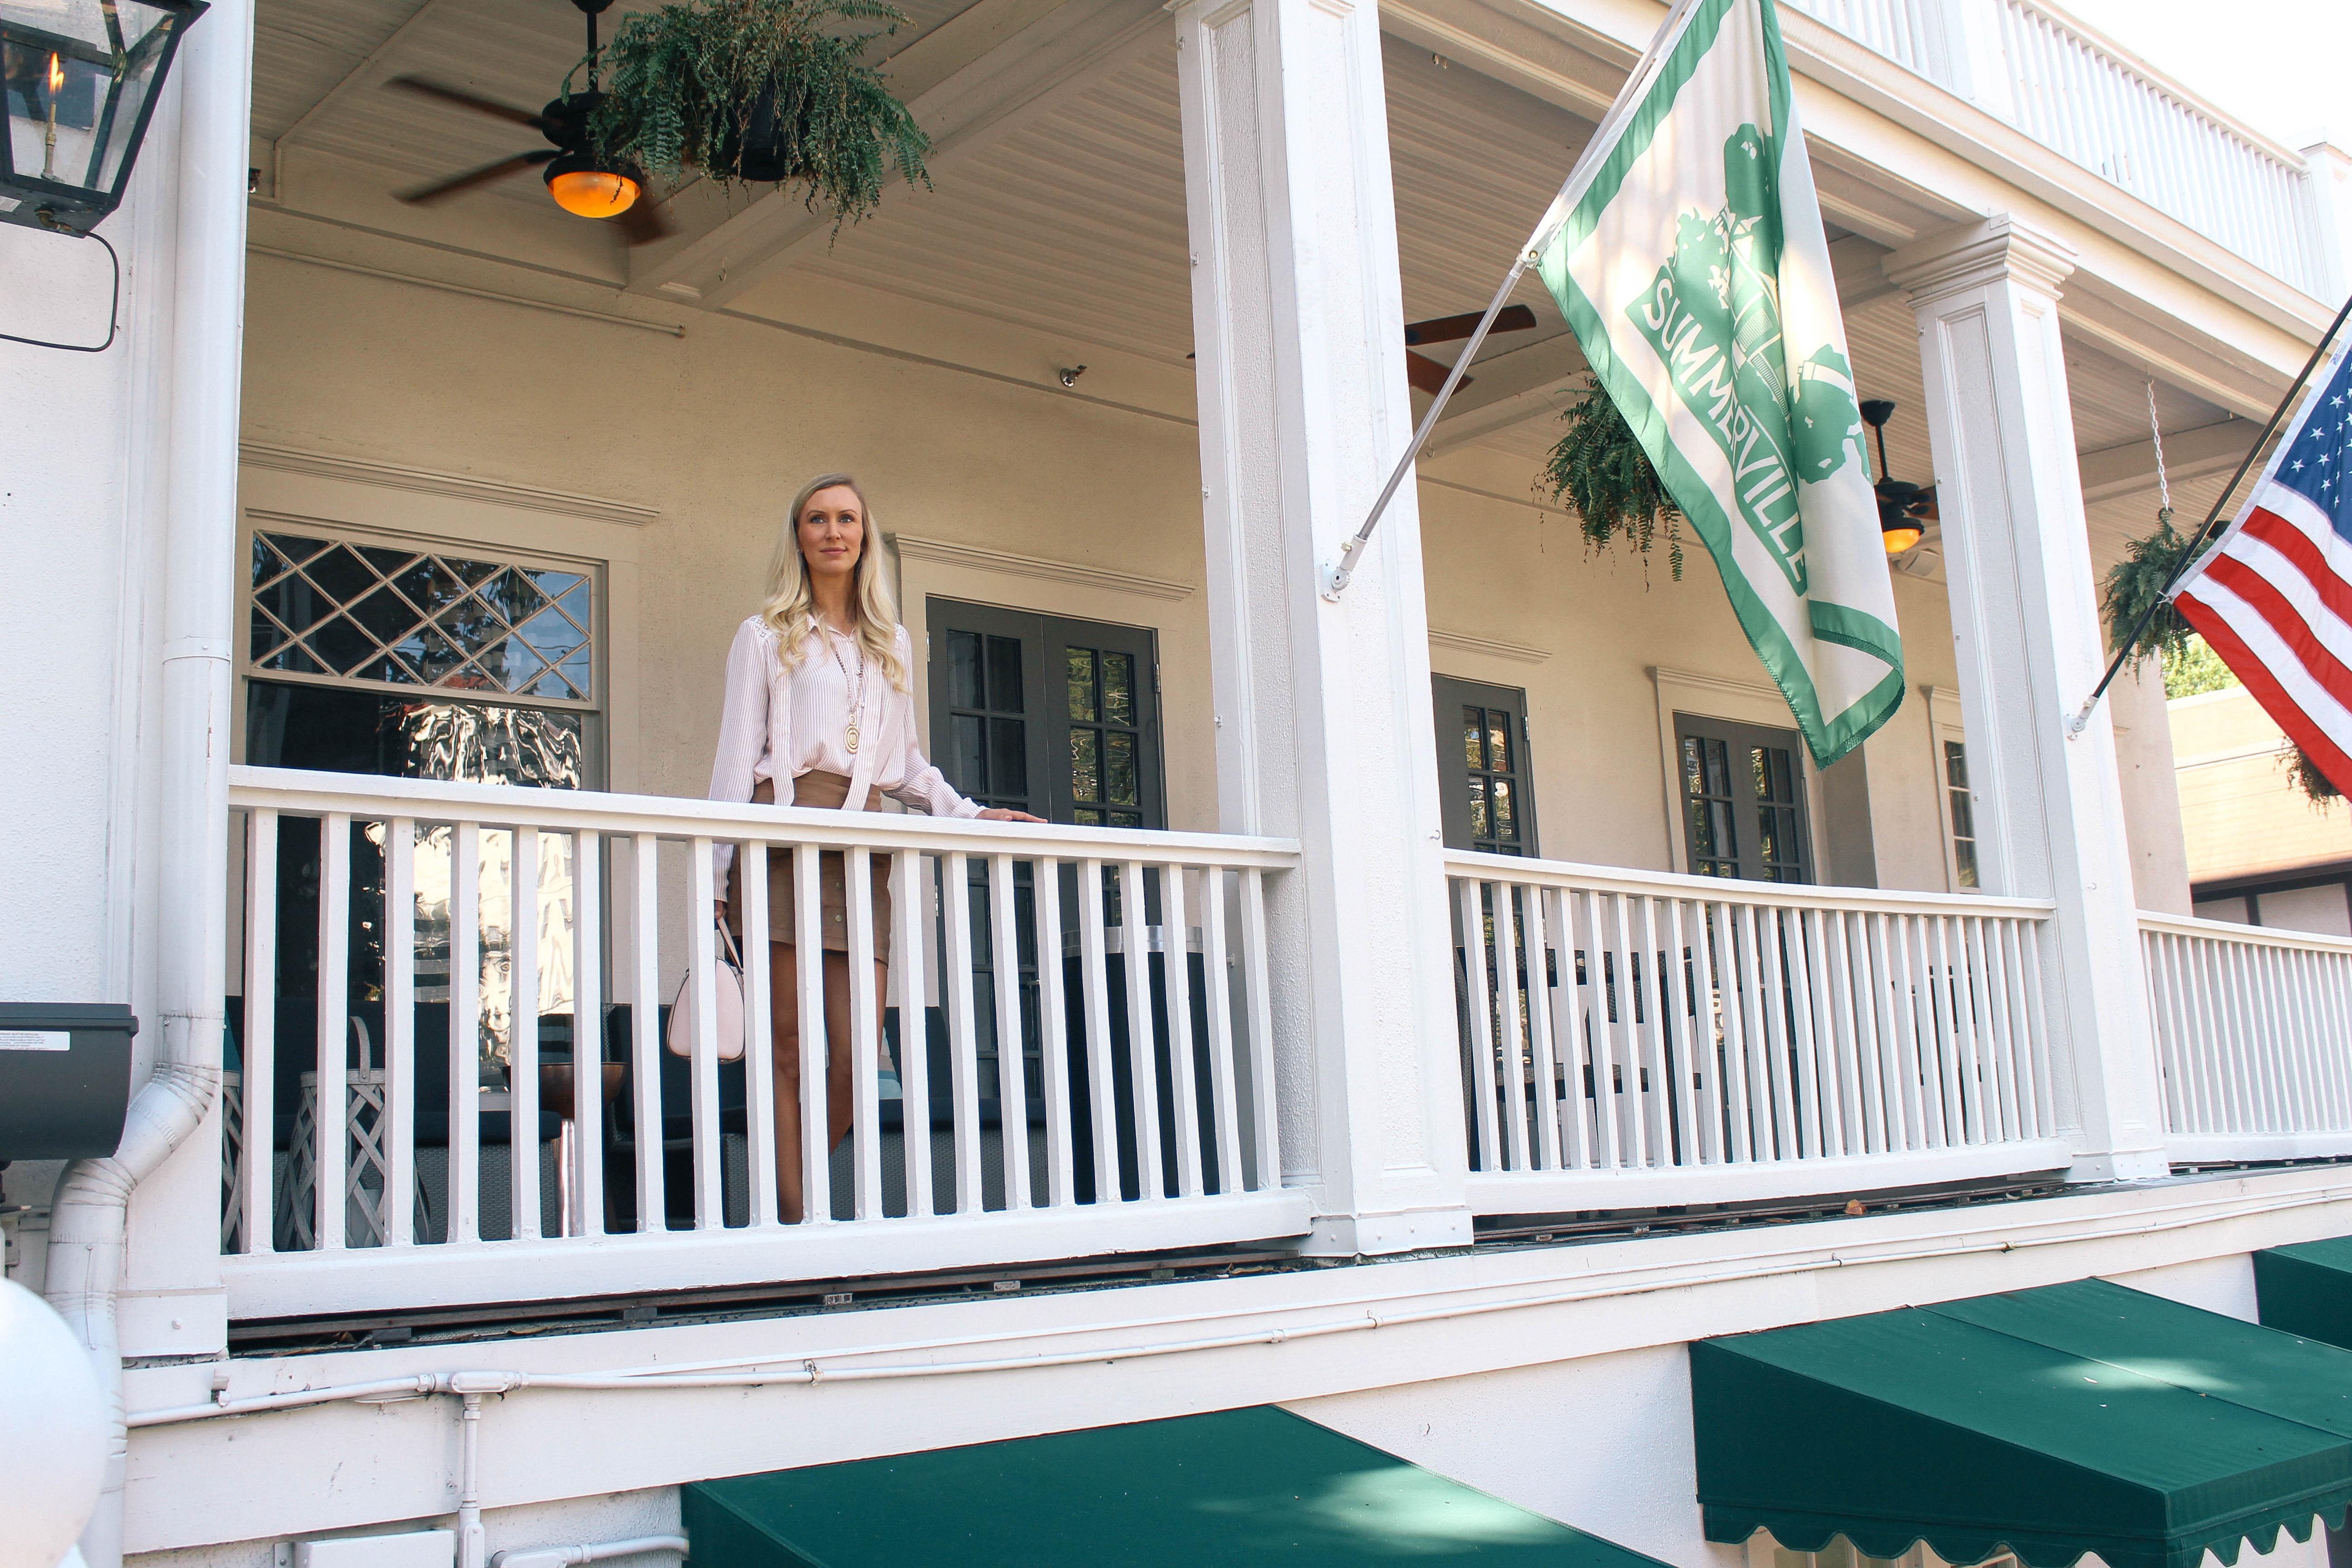 The-Partridge-Inn-Augusta-Georgia-Review-17